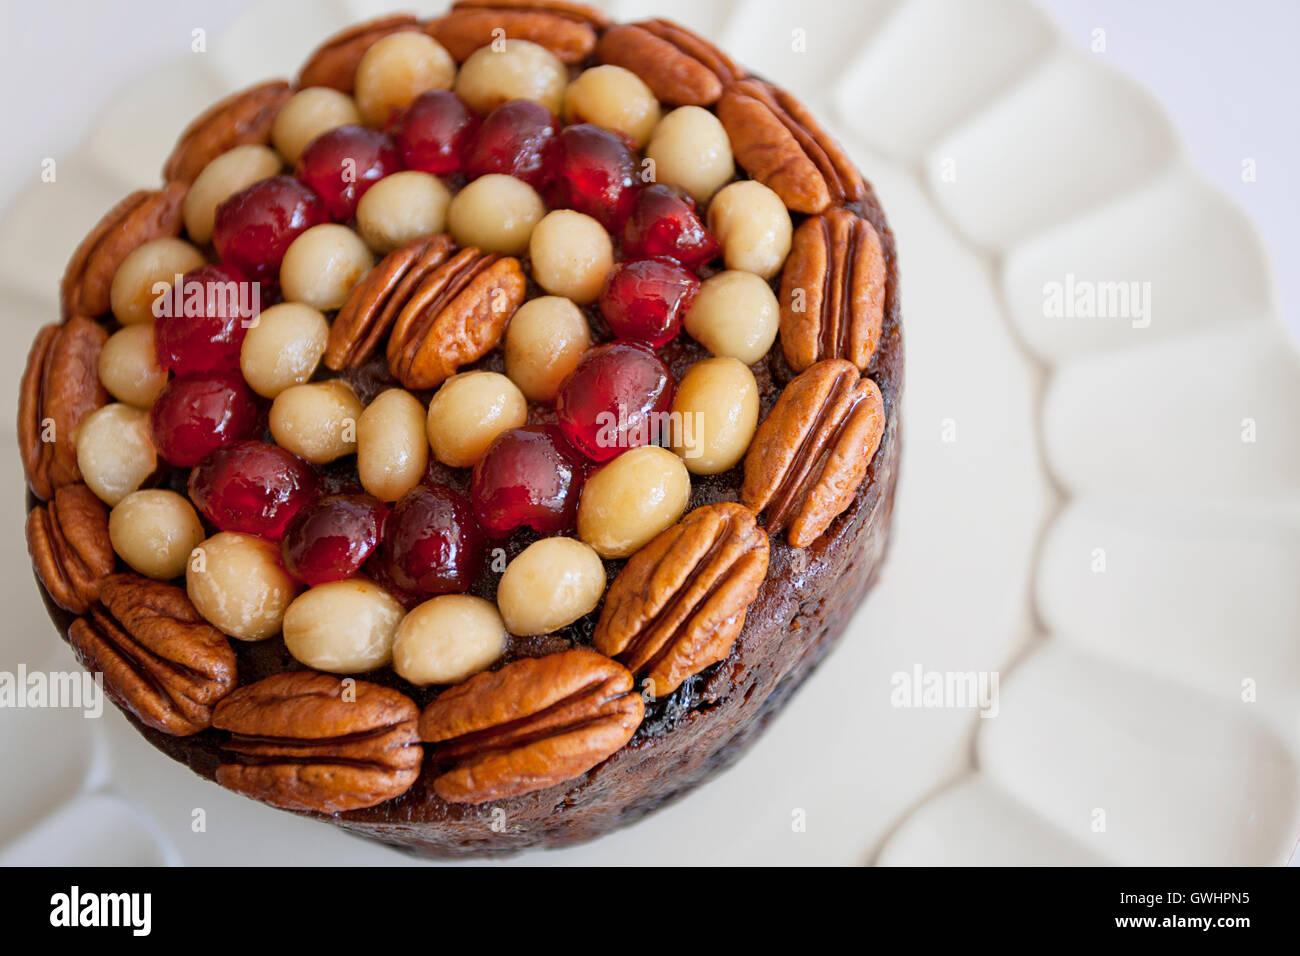 traditional christmas fruitcake stock image - Christmas Fruit Cake Decoration